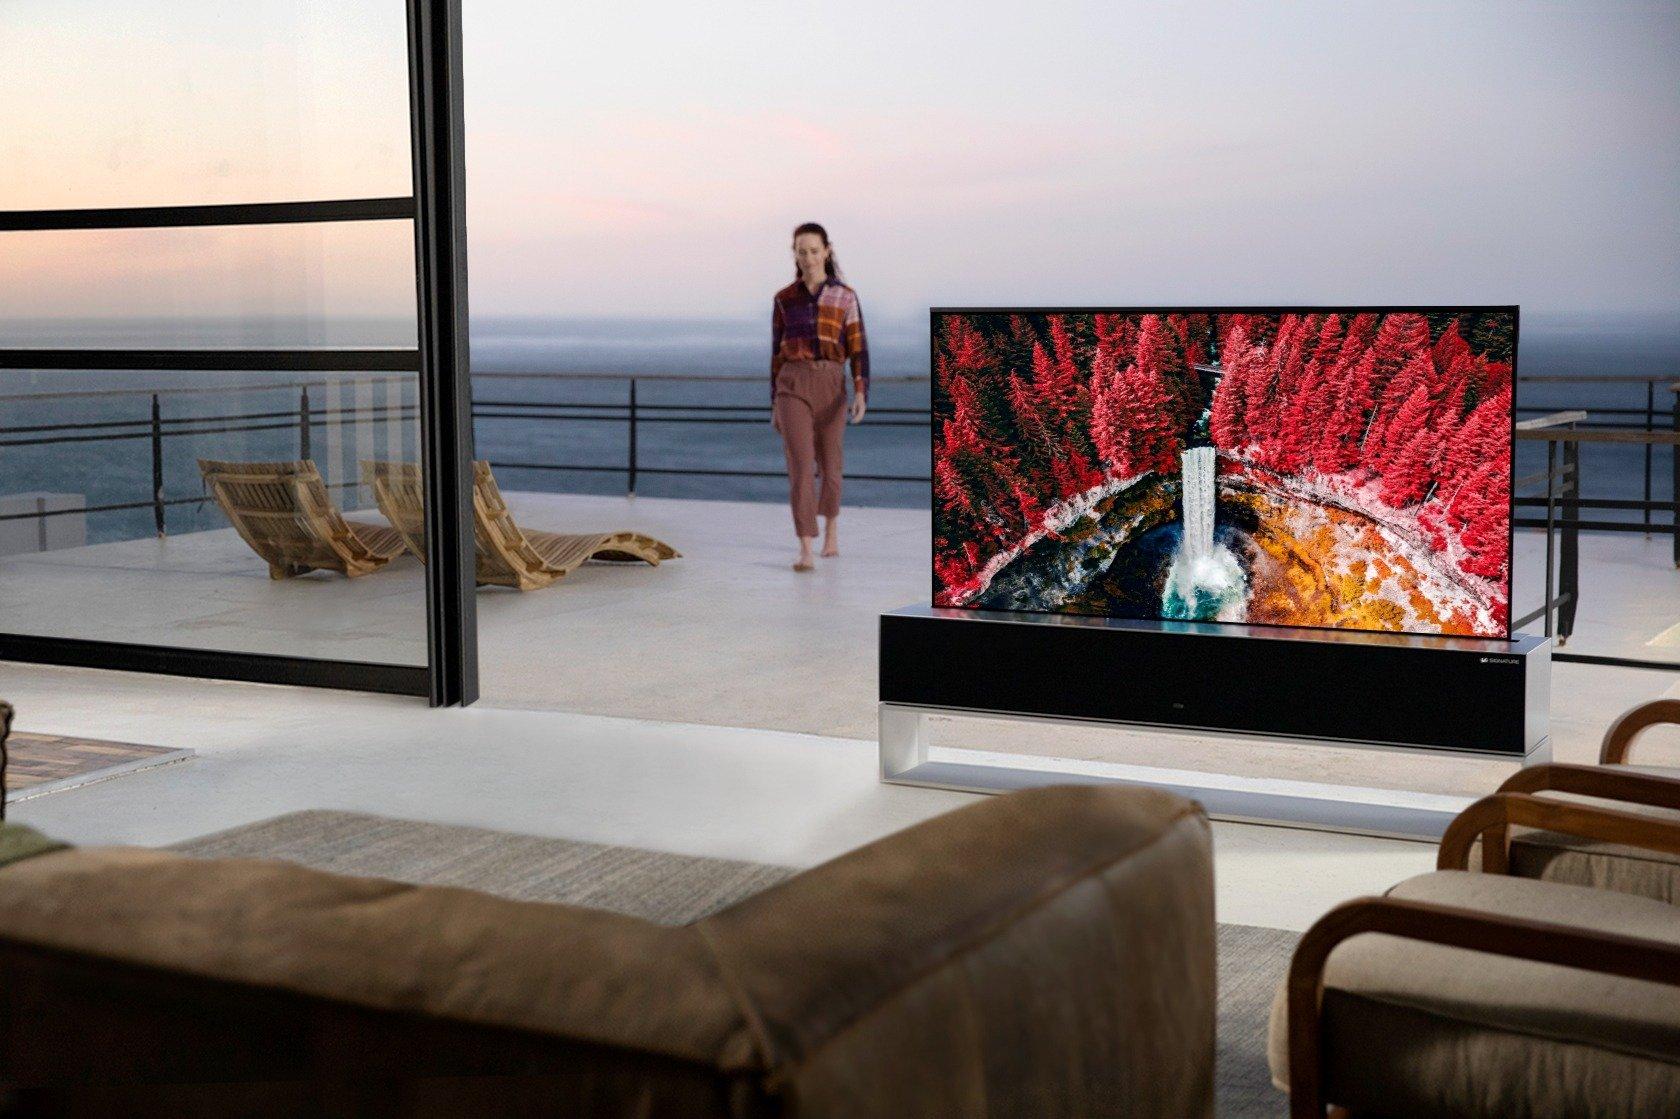 Epokowy debiut rewelacyjnego telewizora LG OLED ze zwijanym ekranem